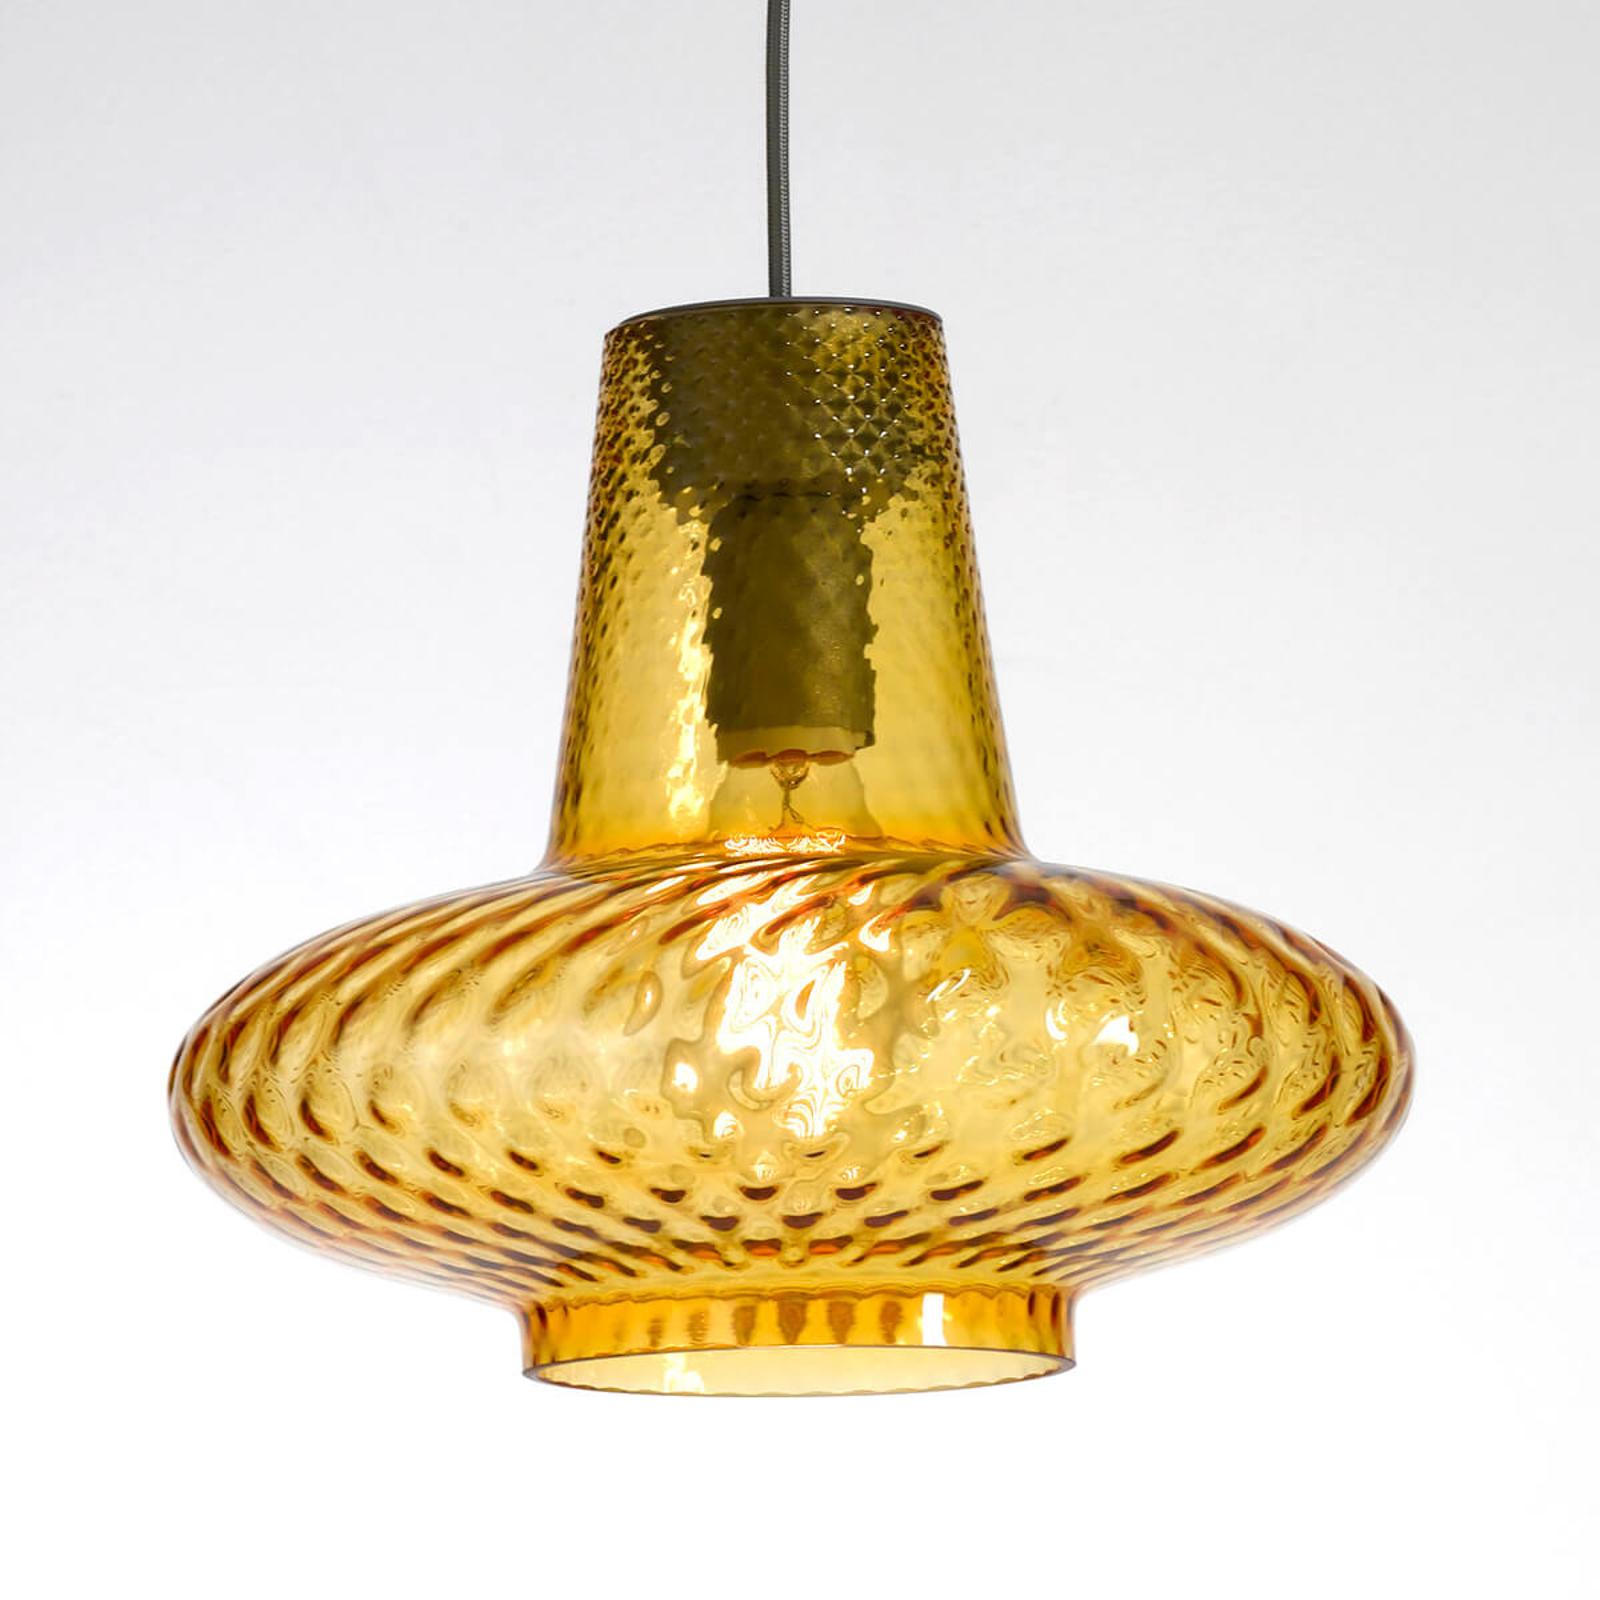 Szklana lampa wisząca Giulietta, bursztynowa